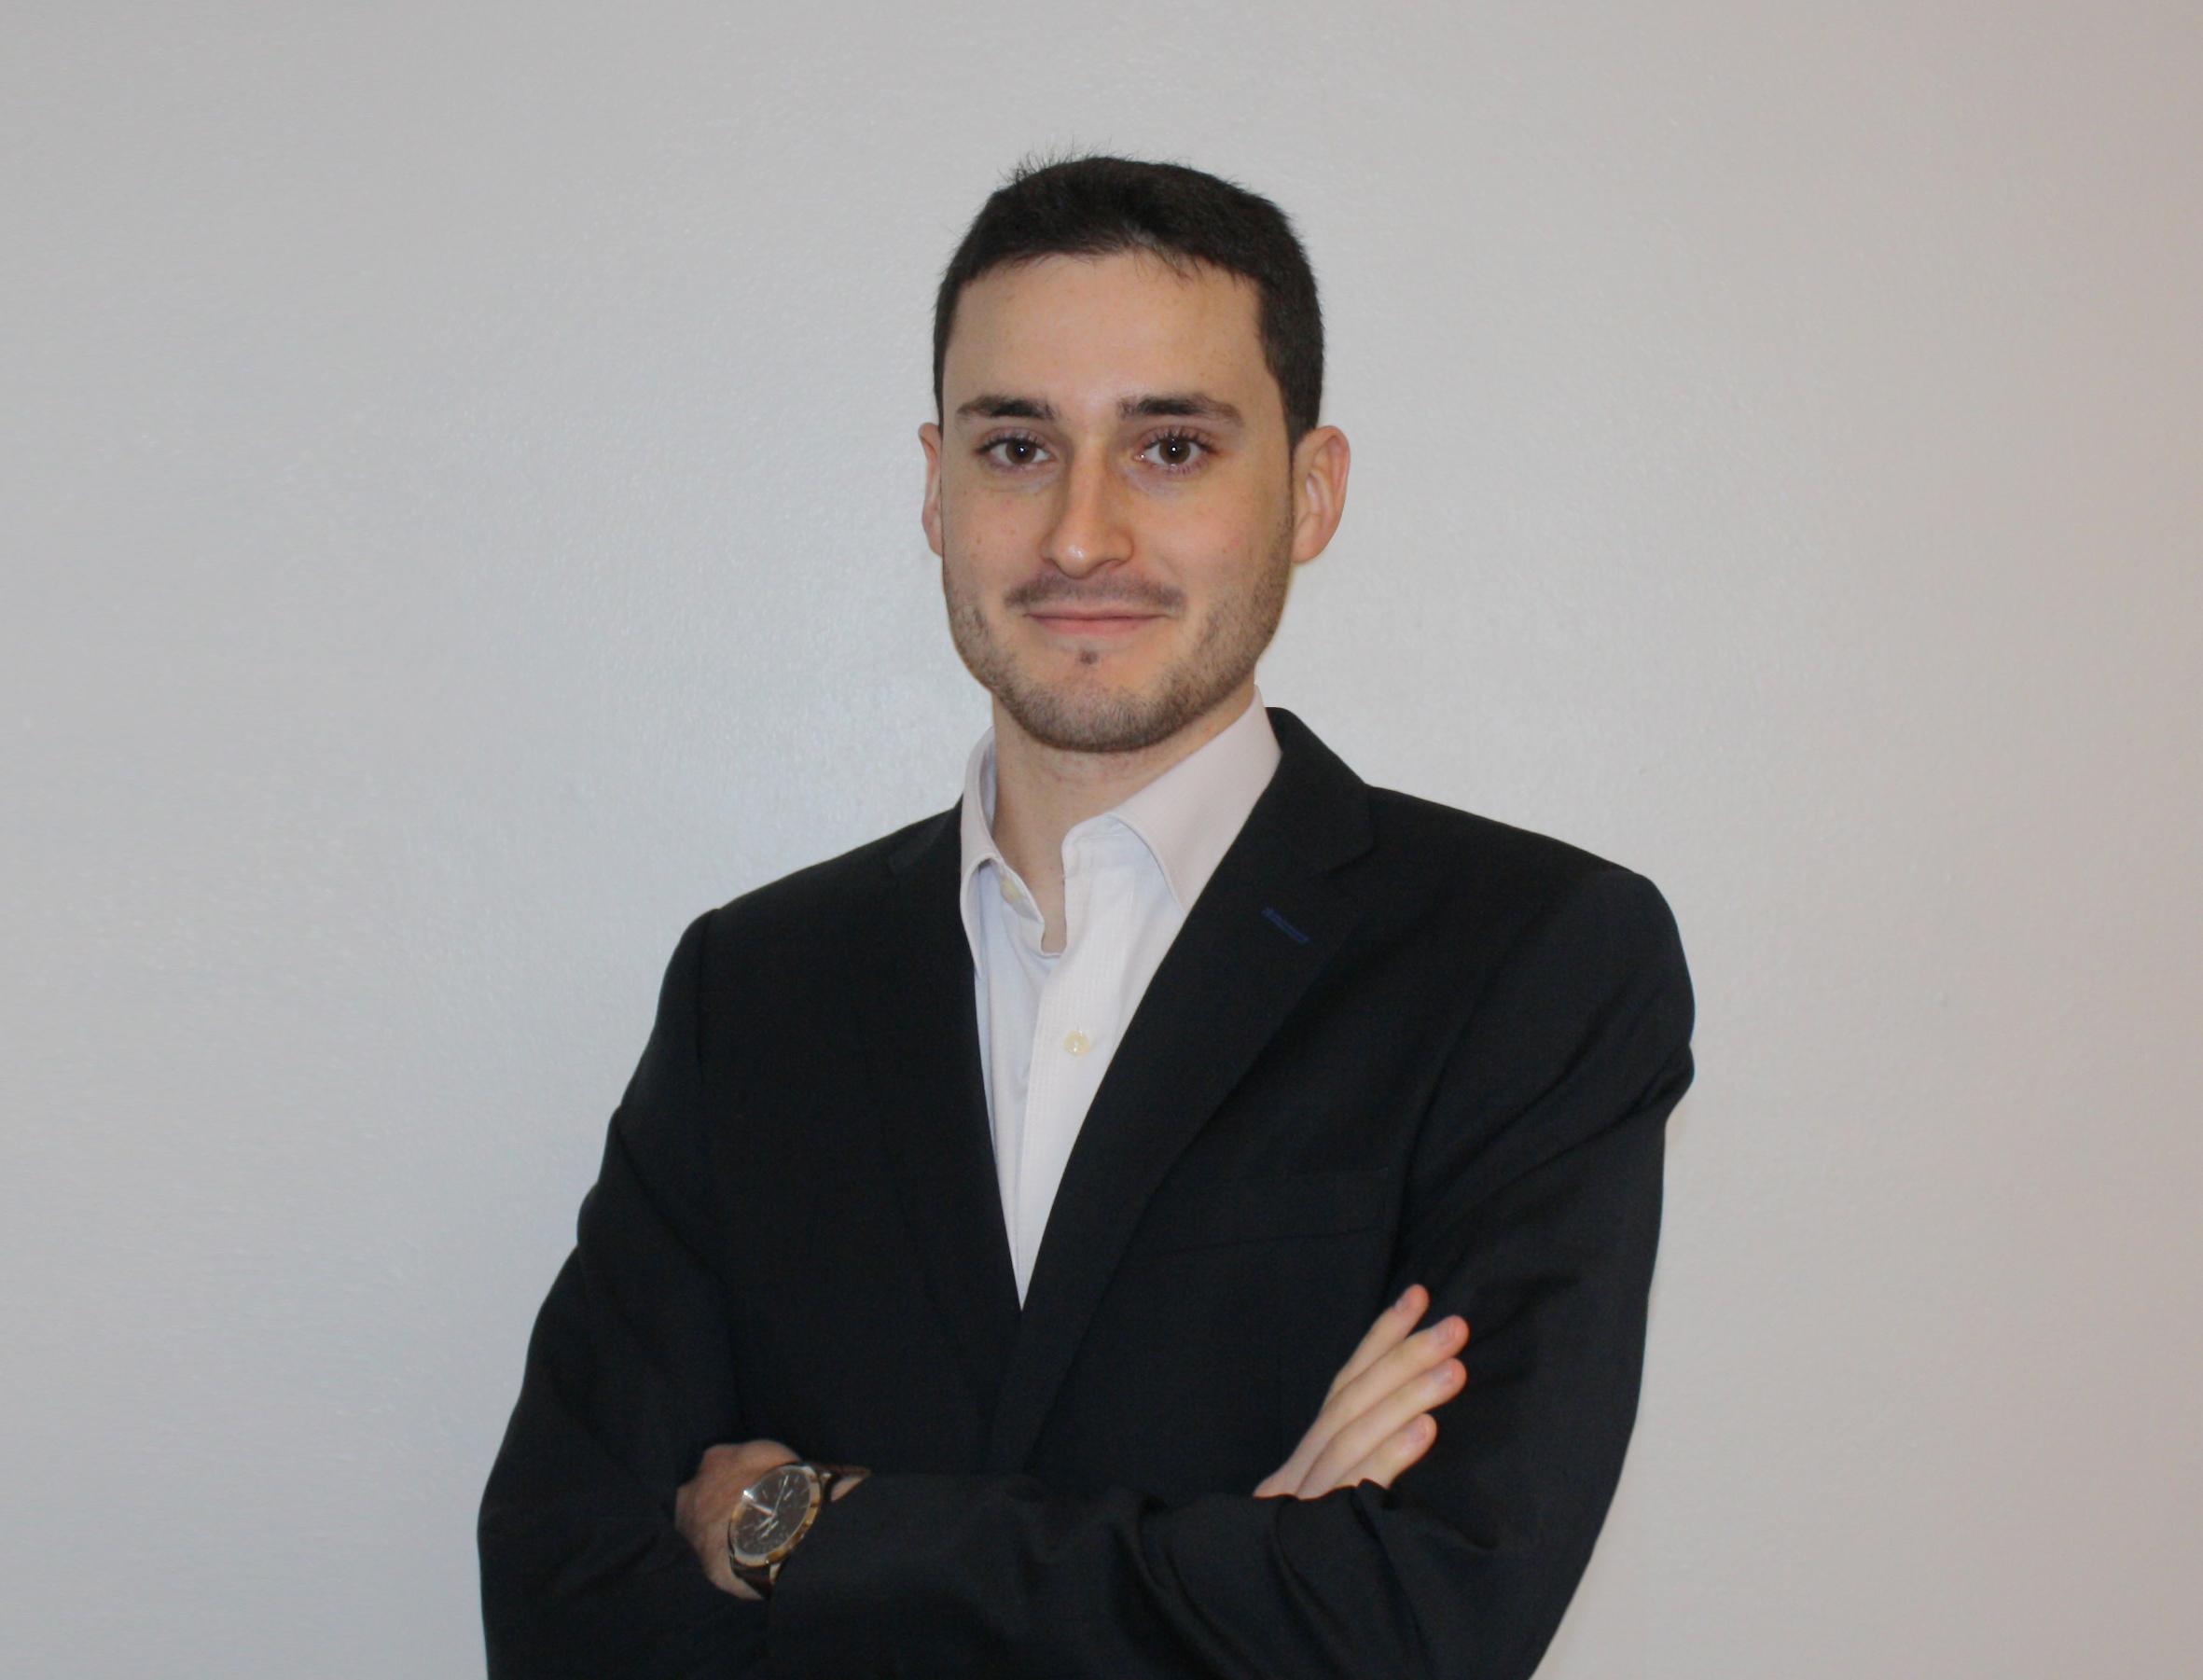 Sergio Mella